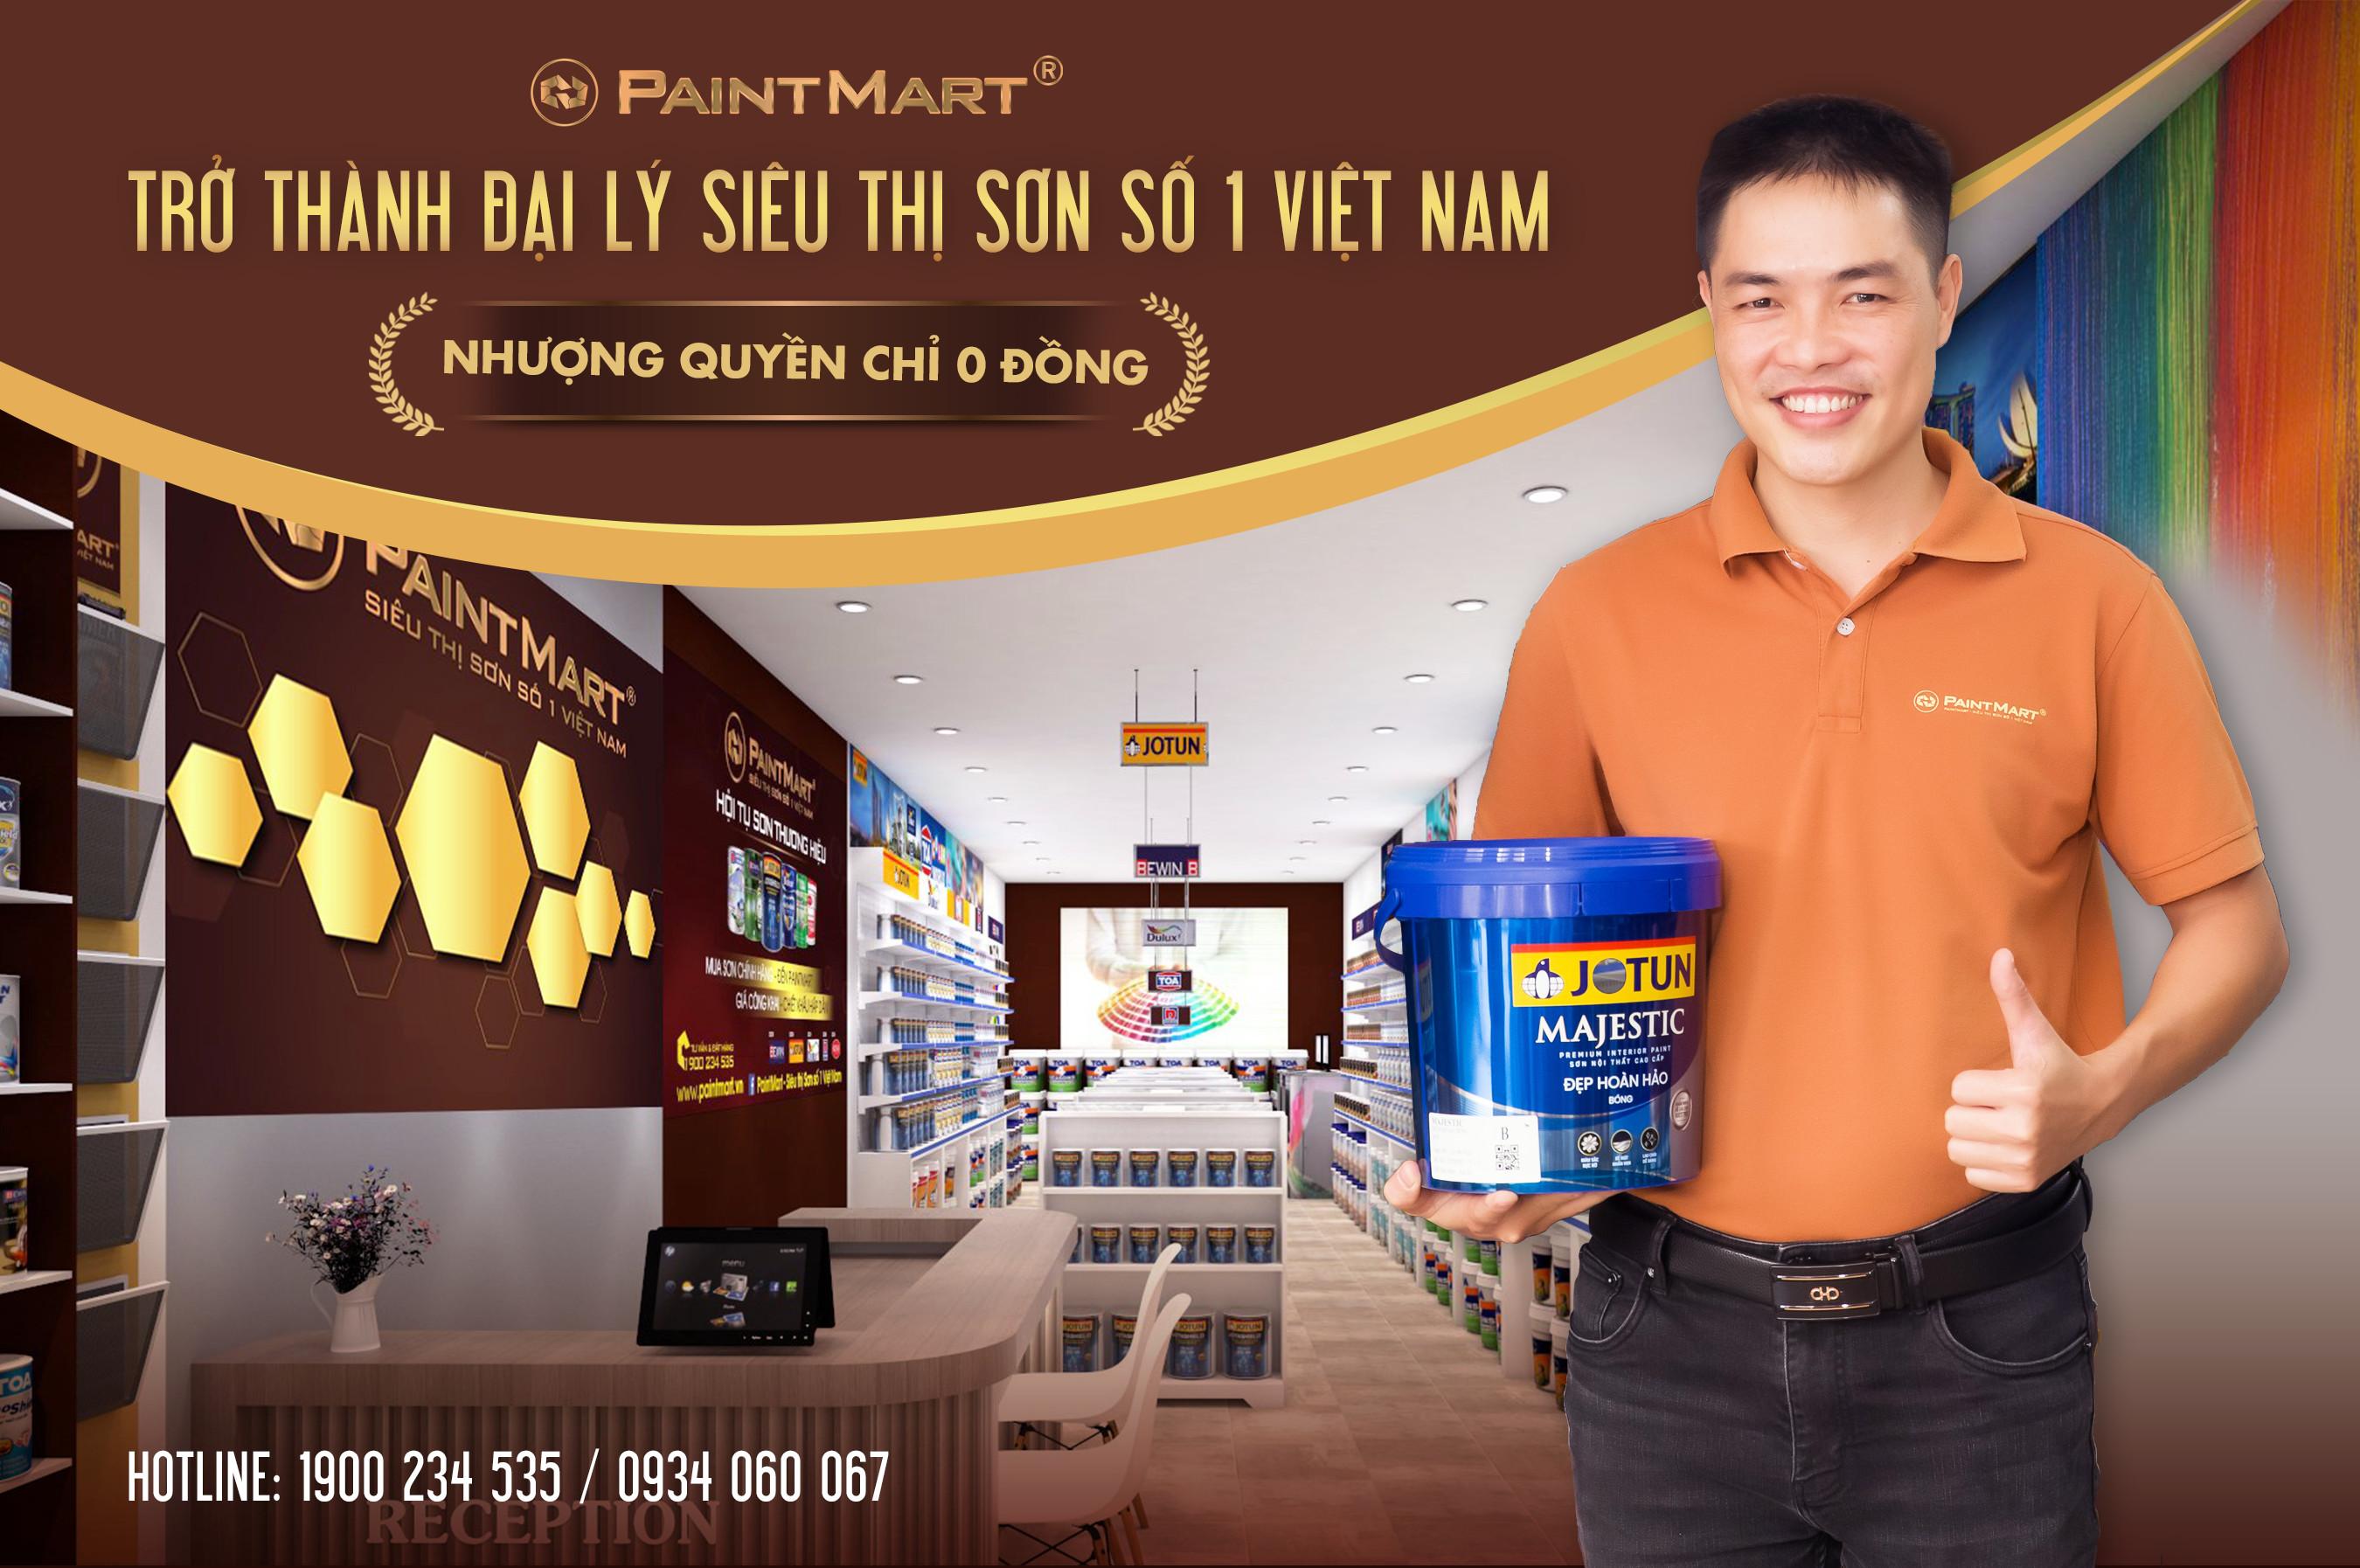 Siêu Thị Sơn Paint Mart số 1 Việt Nam